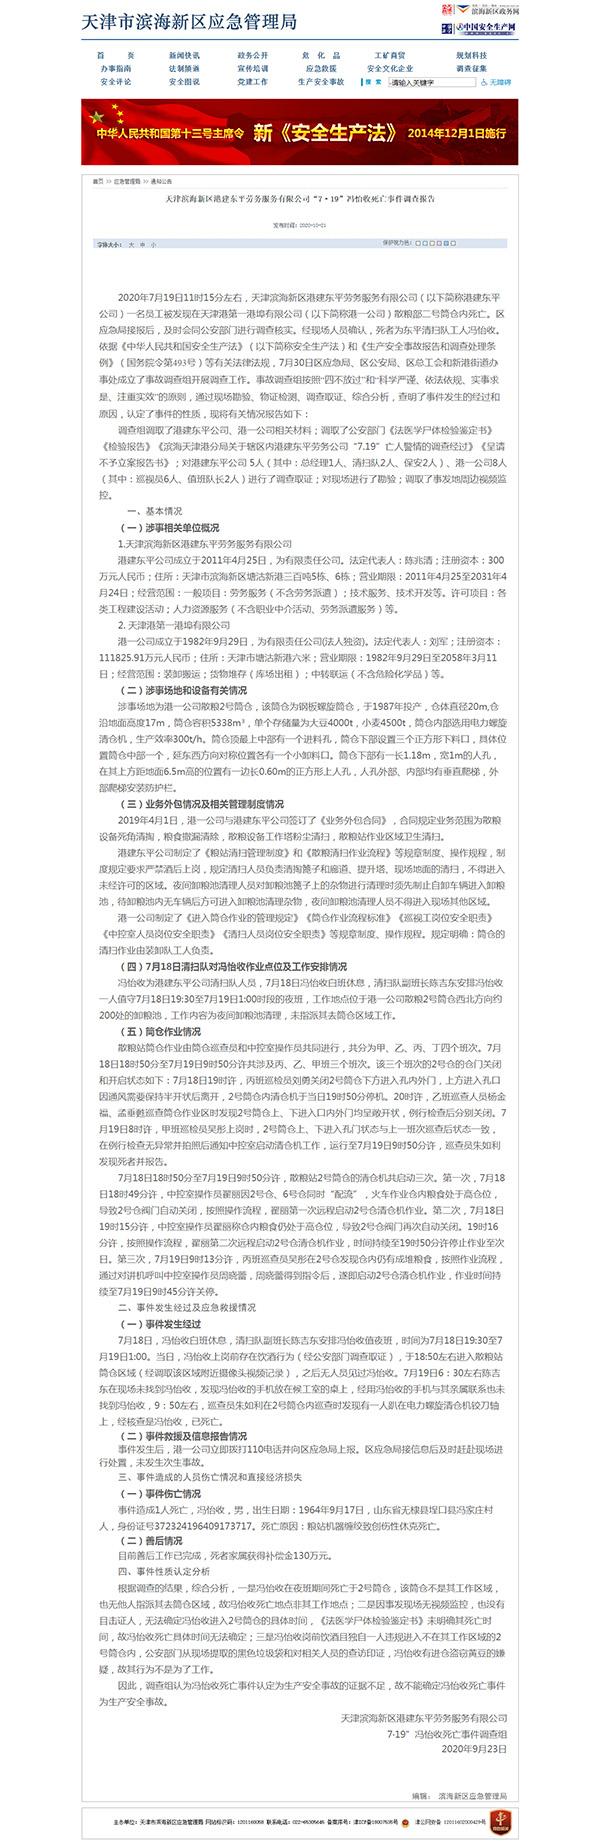 【彩乐园2进入dsn292com】_天津一公司清扫工酒后疑偷黄豆被绞死 获补偿130万